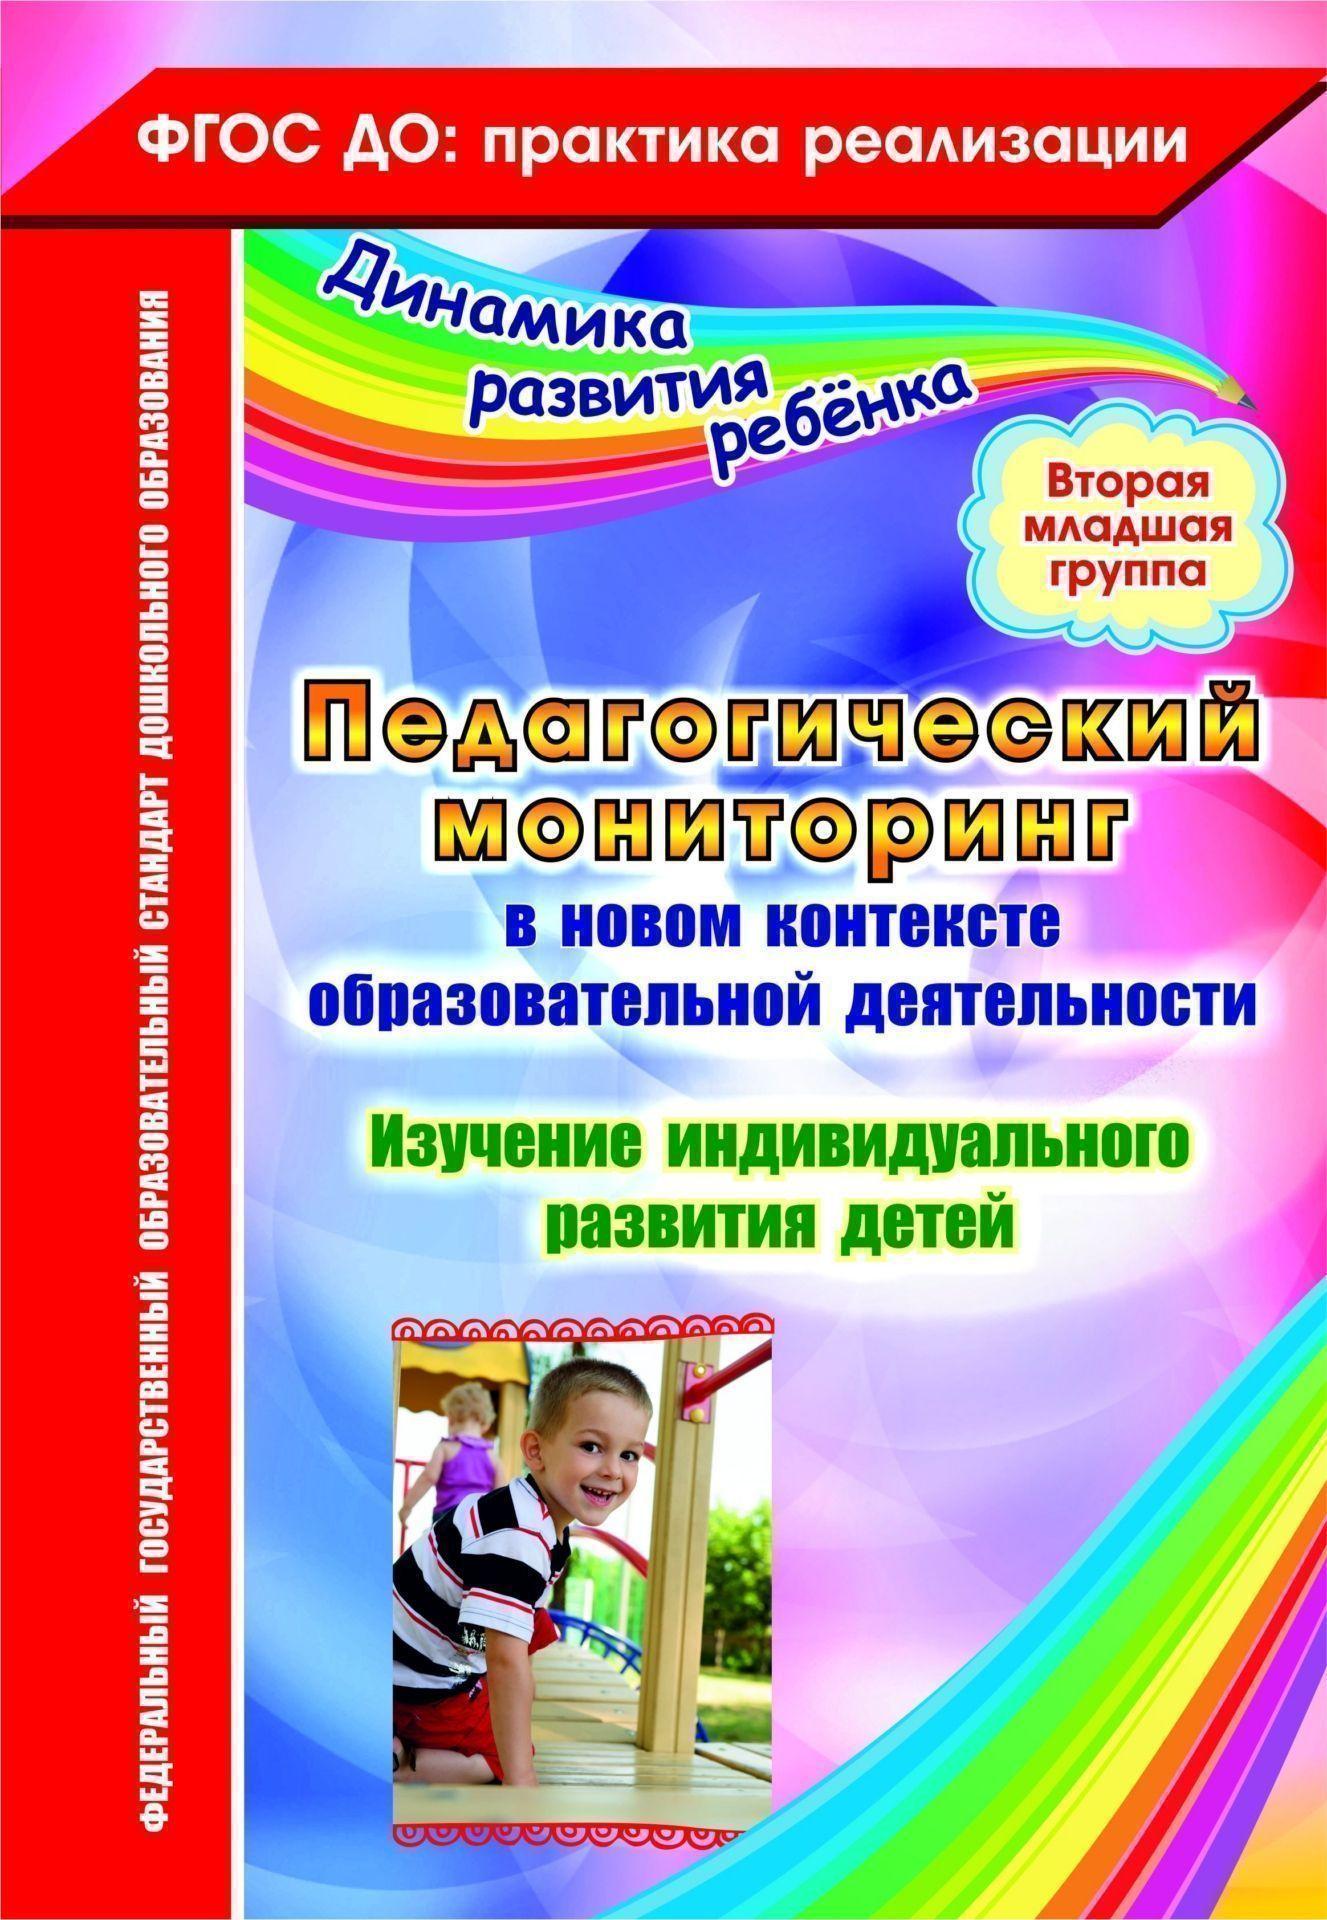 Ю. А. Афонькина Педагогический мониторинг в новом контексте образовательной деятельности. Изучение индивидуального развития детей. Вторая младшая группа